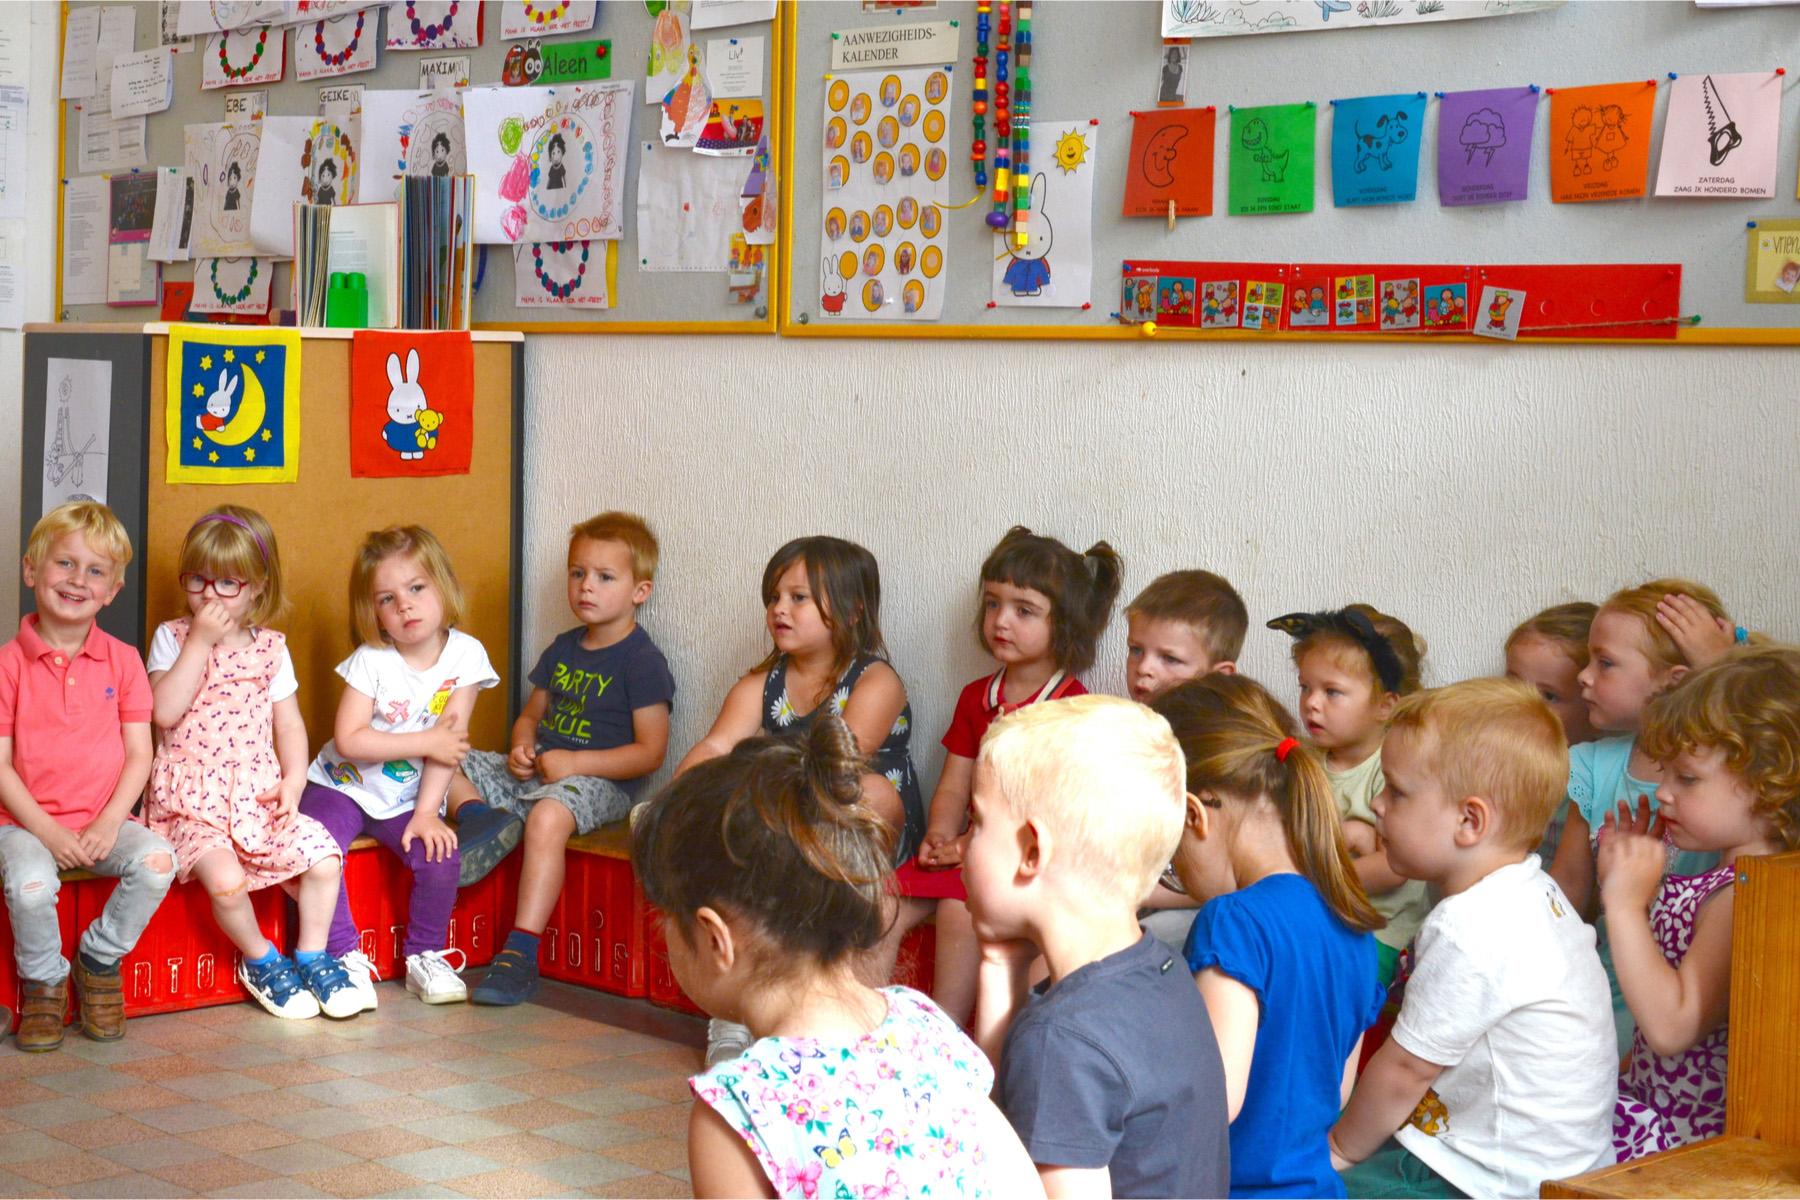 Belgian classroom